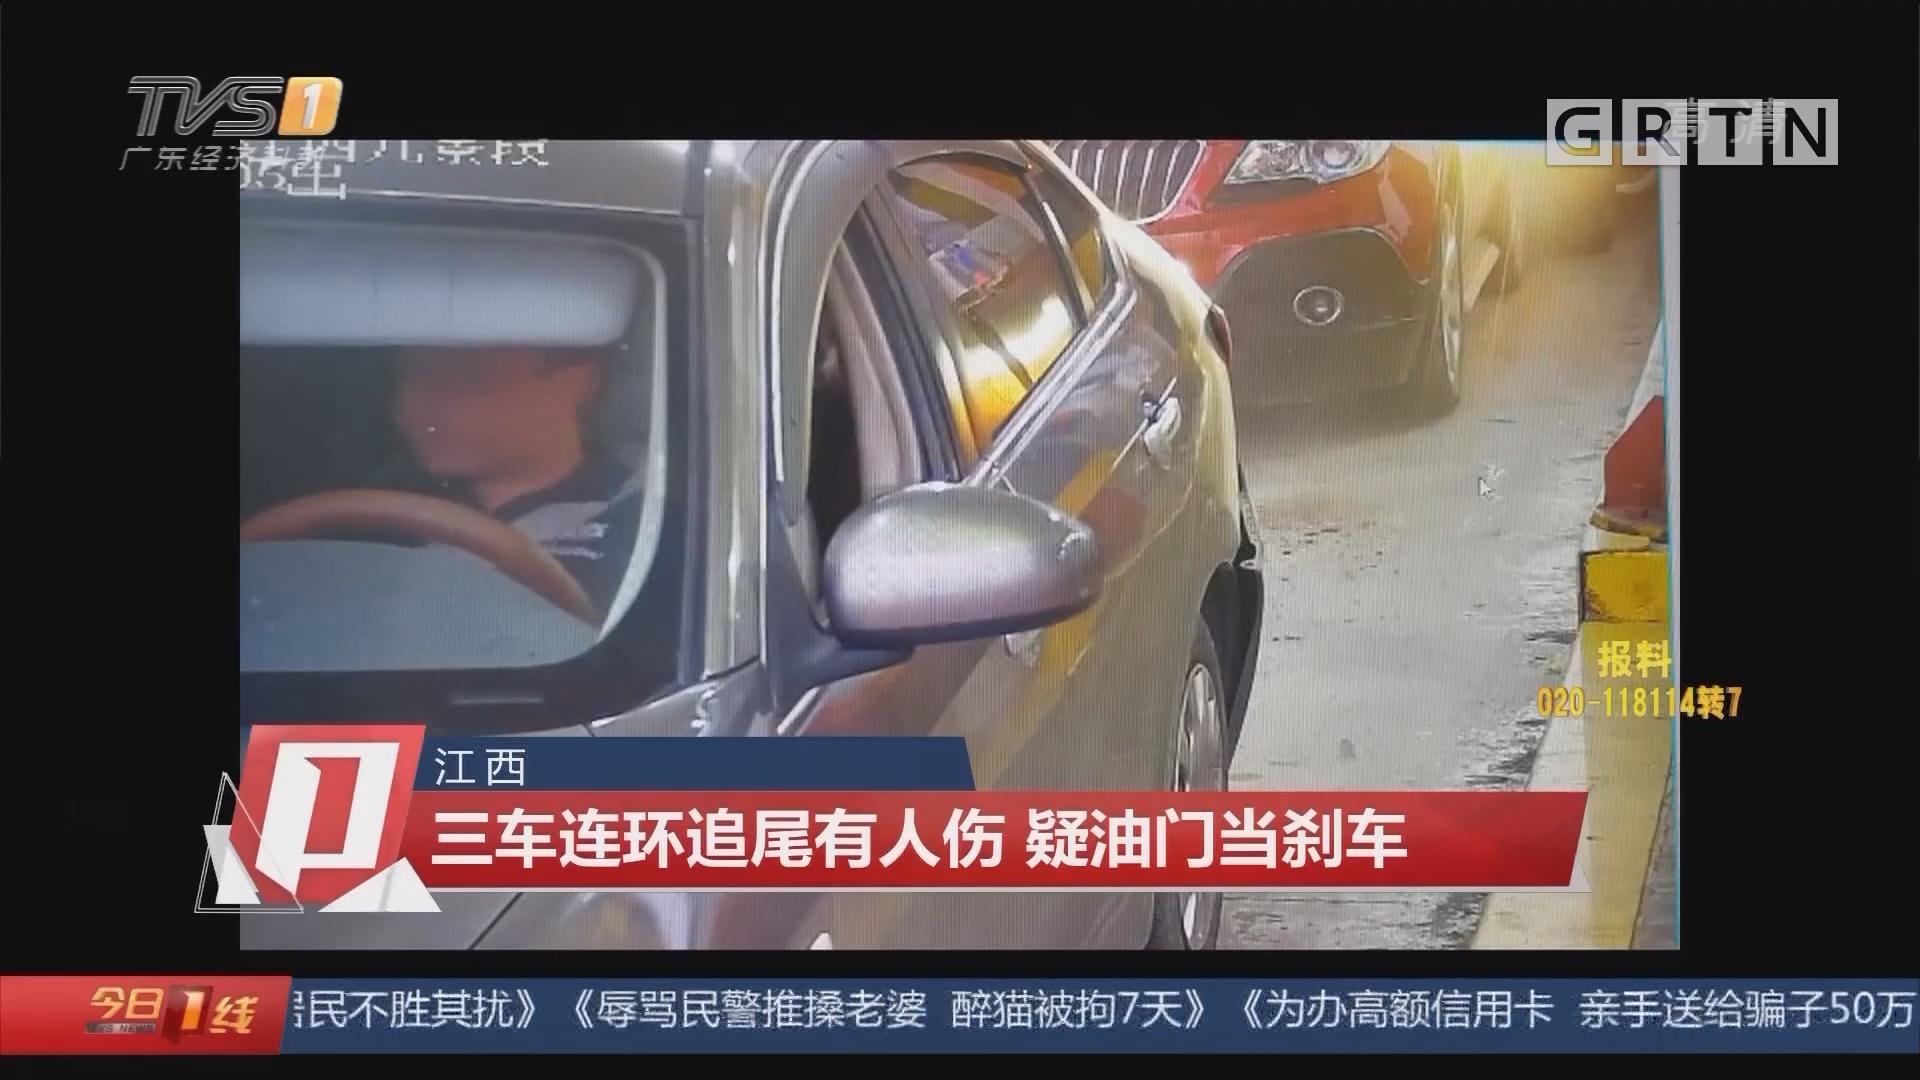 江西:三车连环追尾有人伤 疑油门当刹车